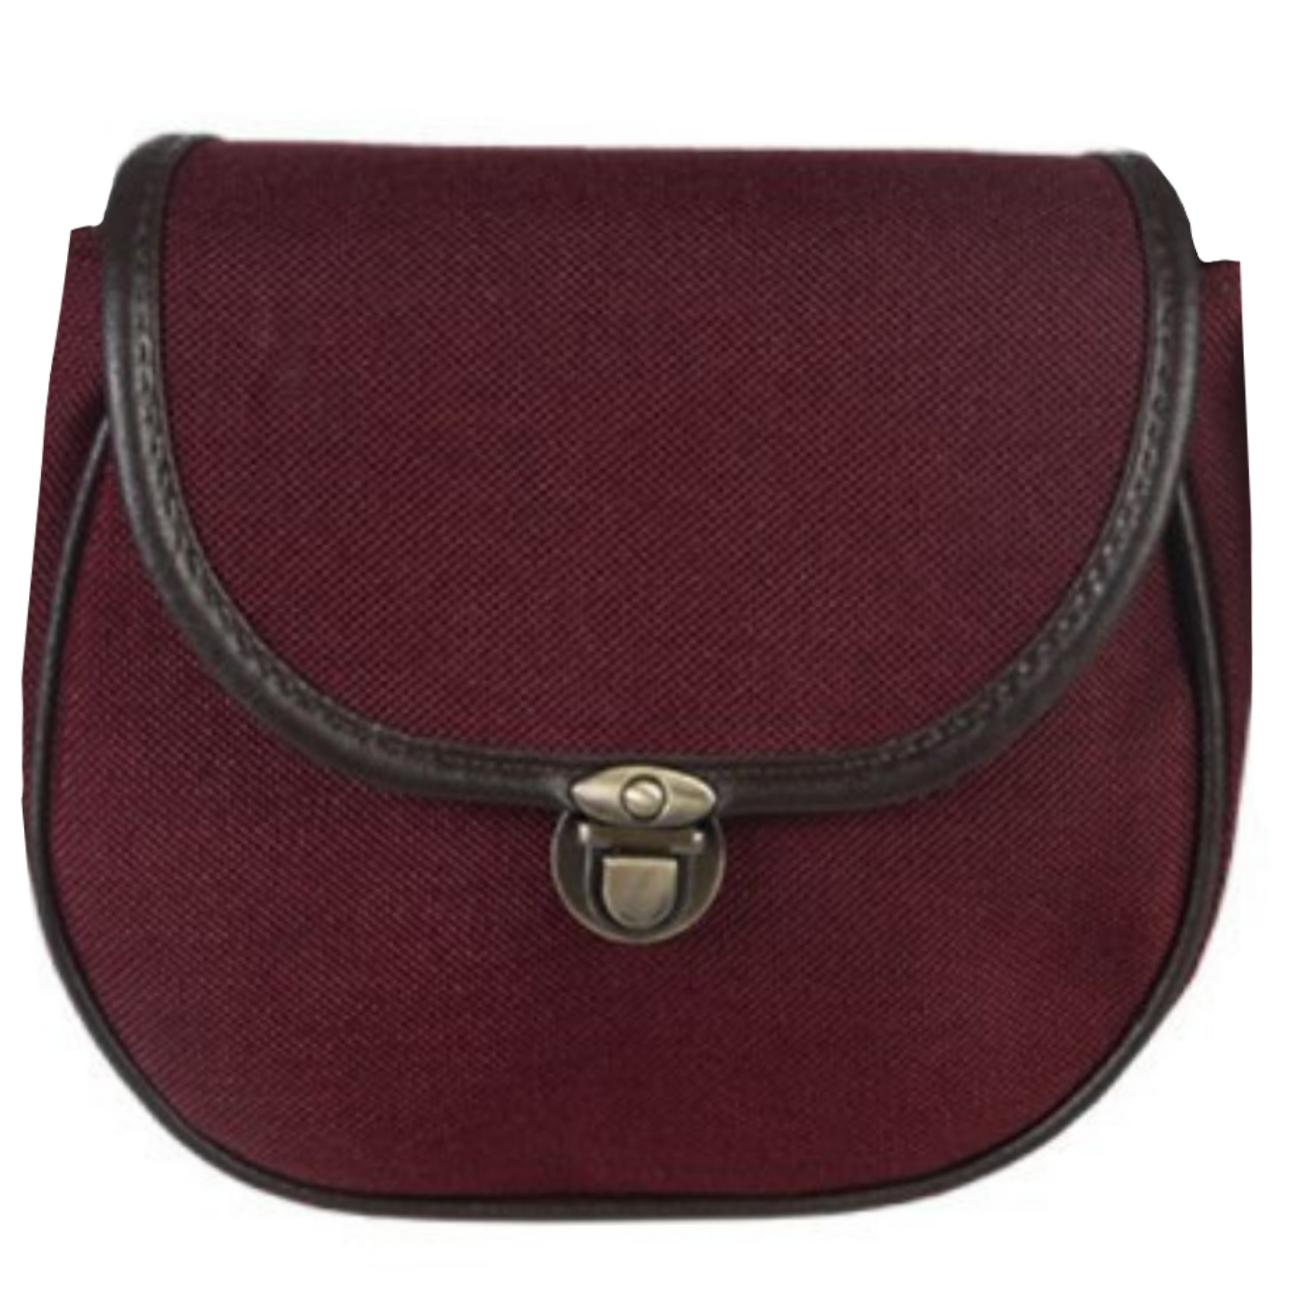 کیف دوشی زنانه کد kvp507